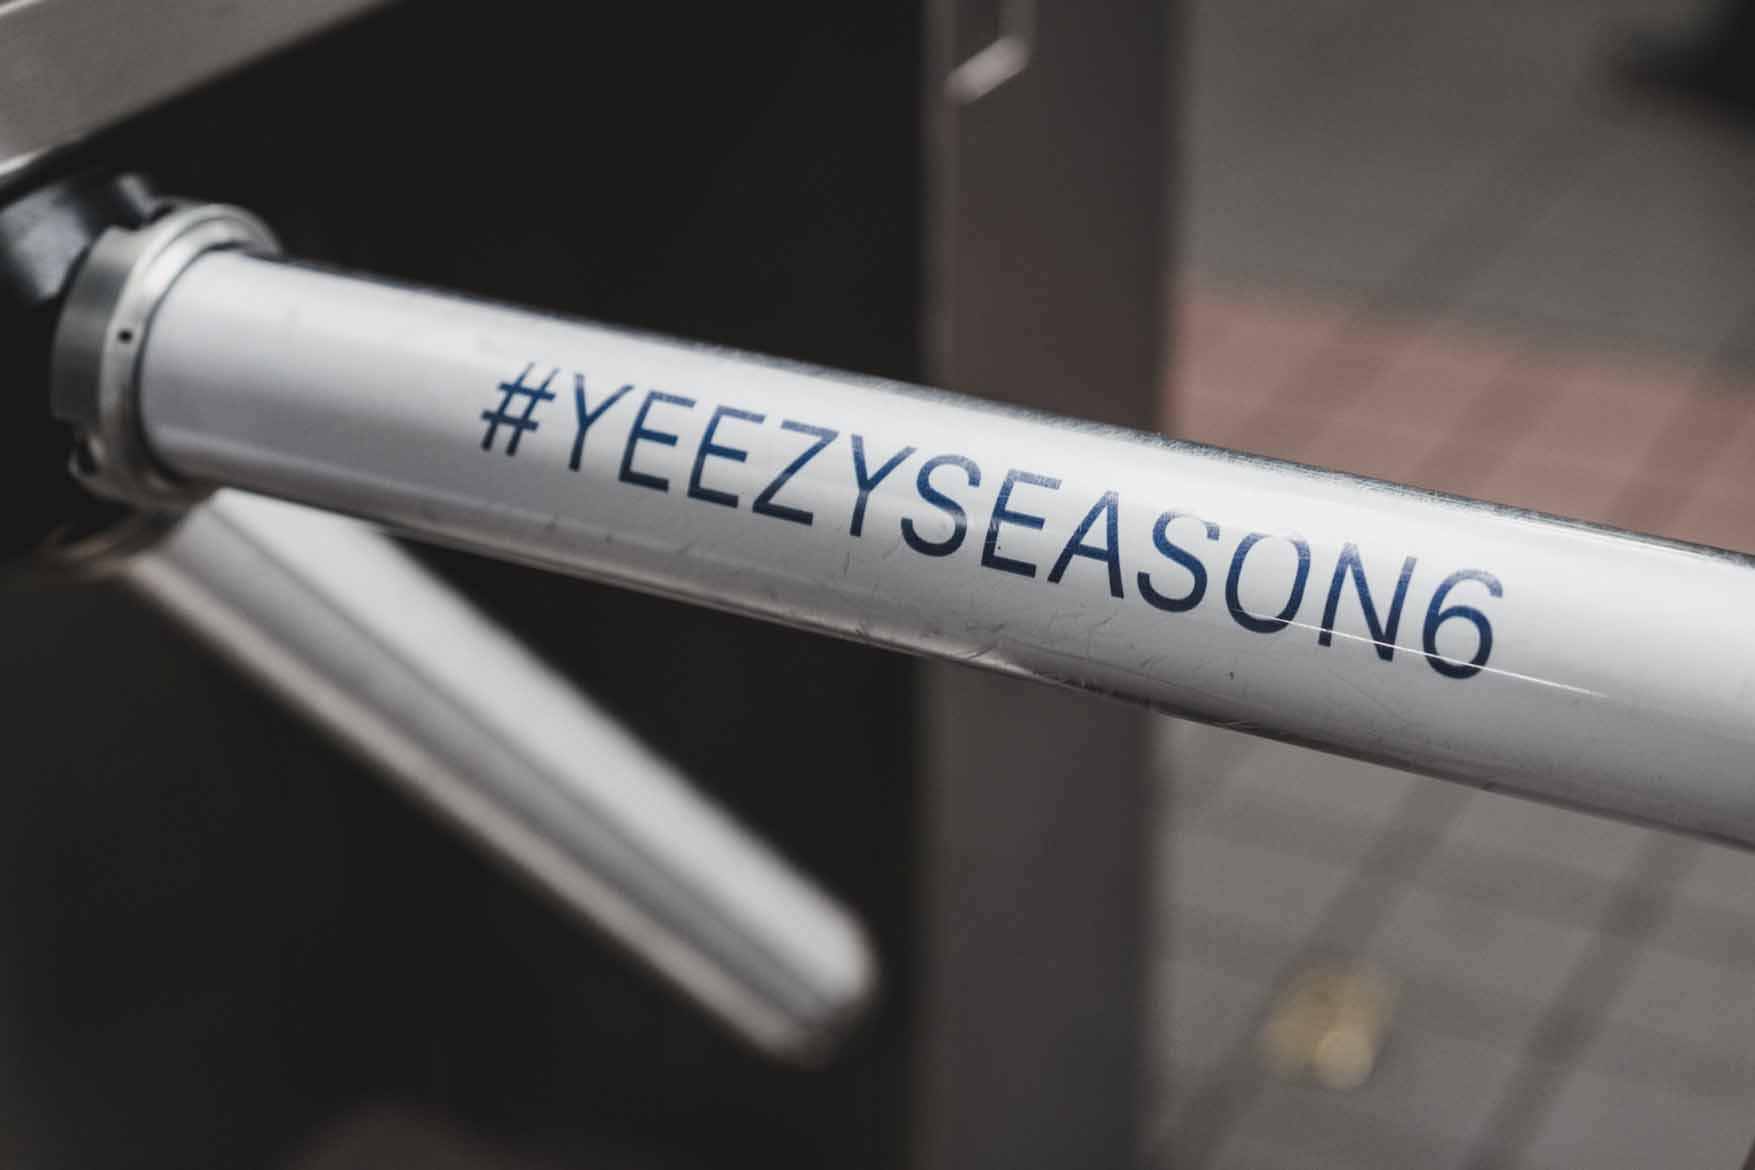 yeezy-season-6-herald-square-12